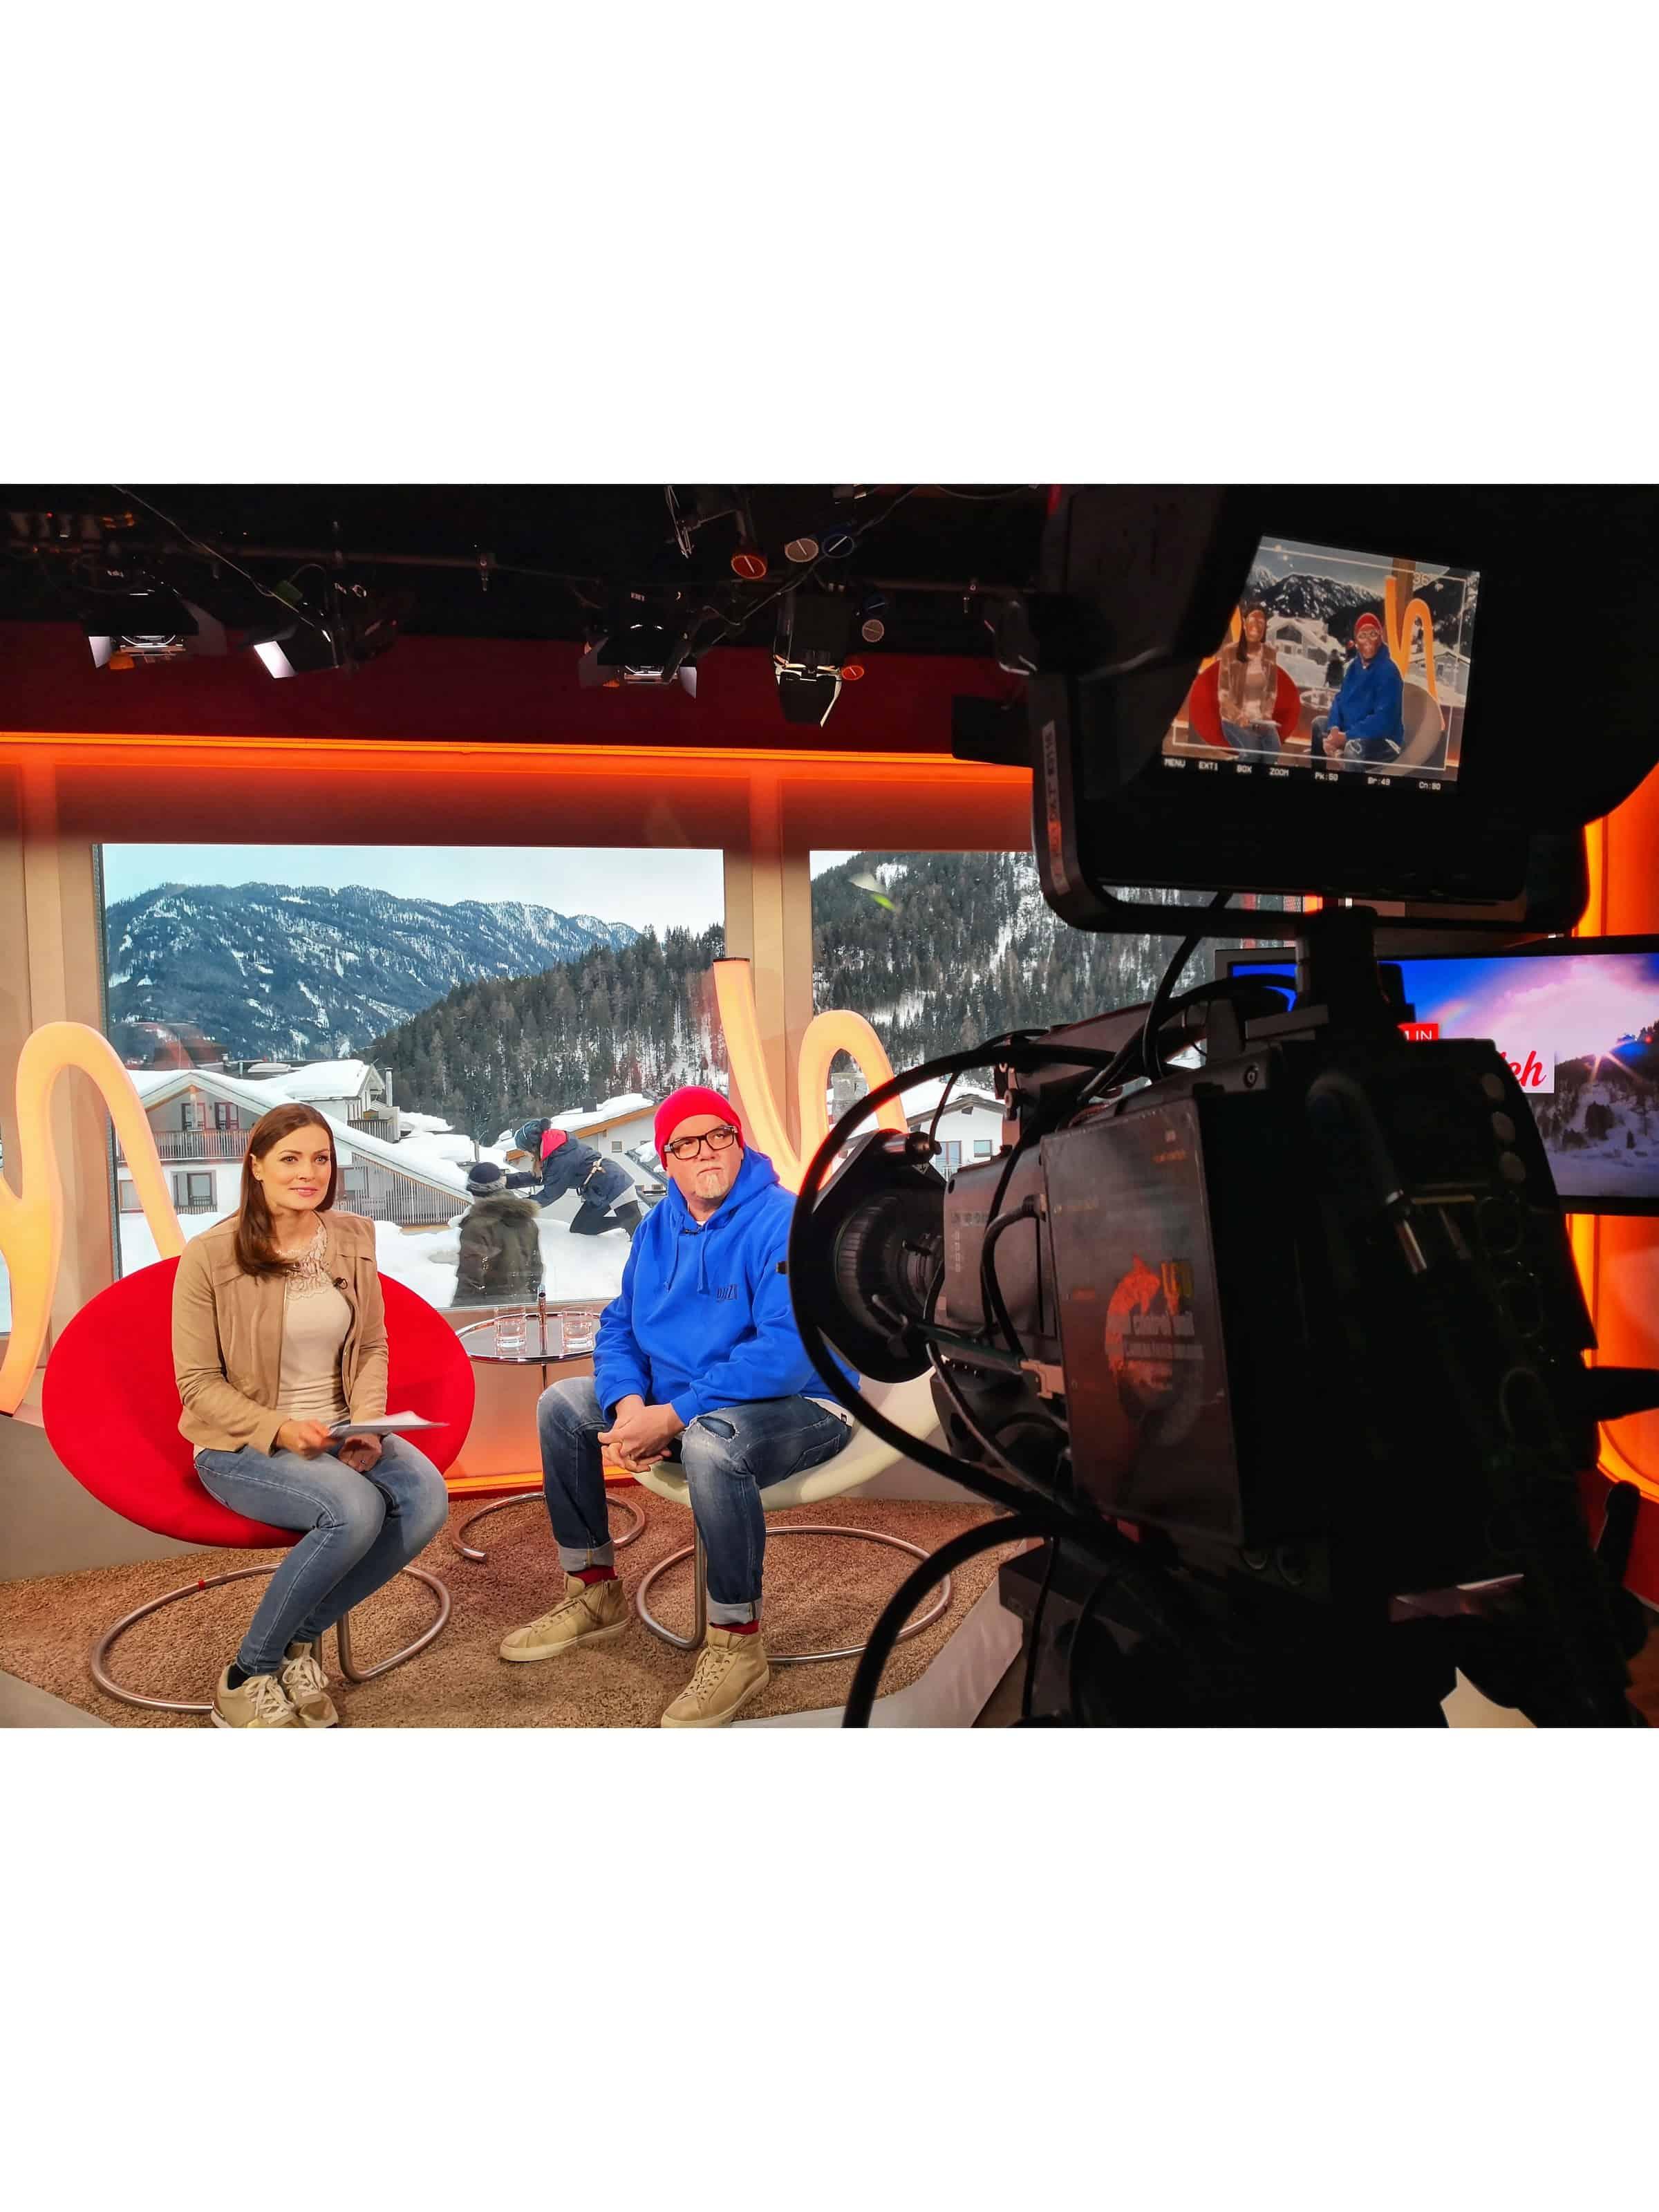 andreas felder kameramann ORF Guten Morgen Österreich ORF Daheim in Österreich 07 22.03.2018 18 11 38 - ORF Unterwegs in Österreich